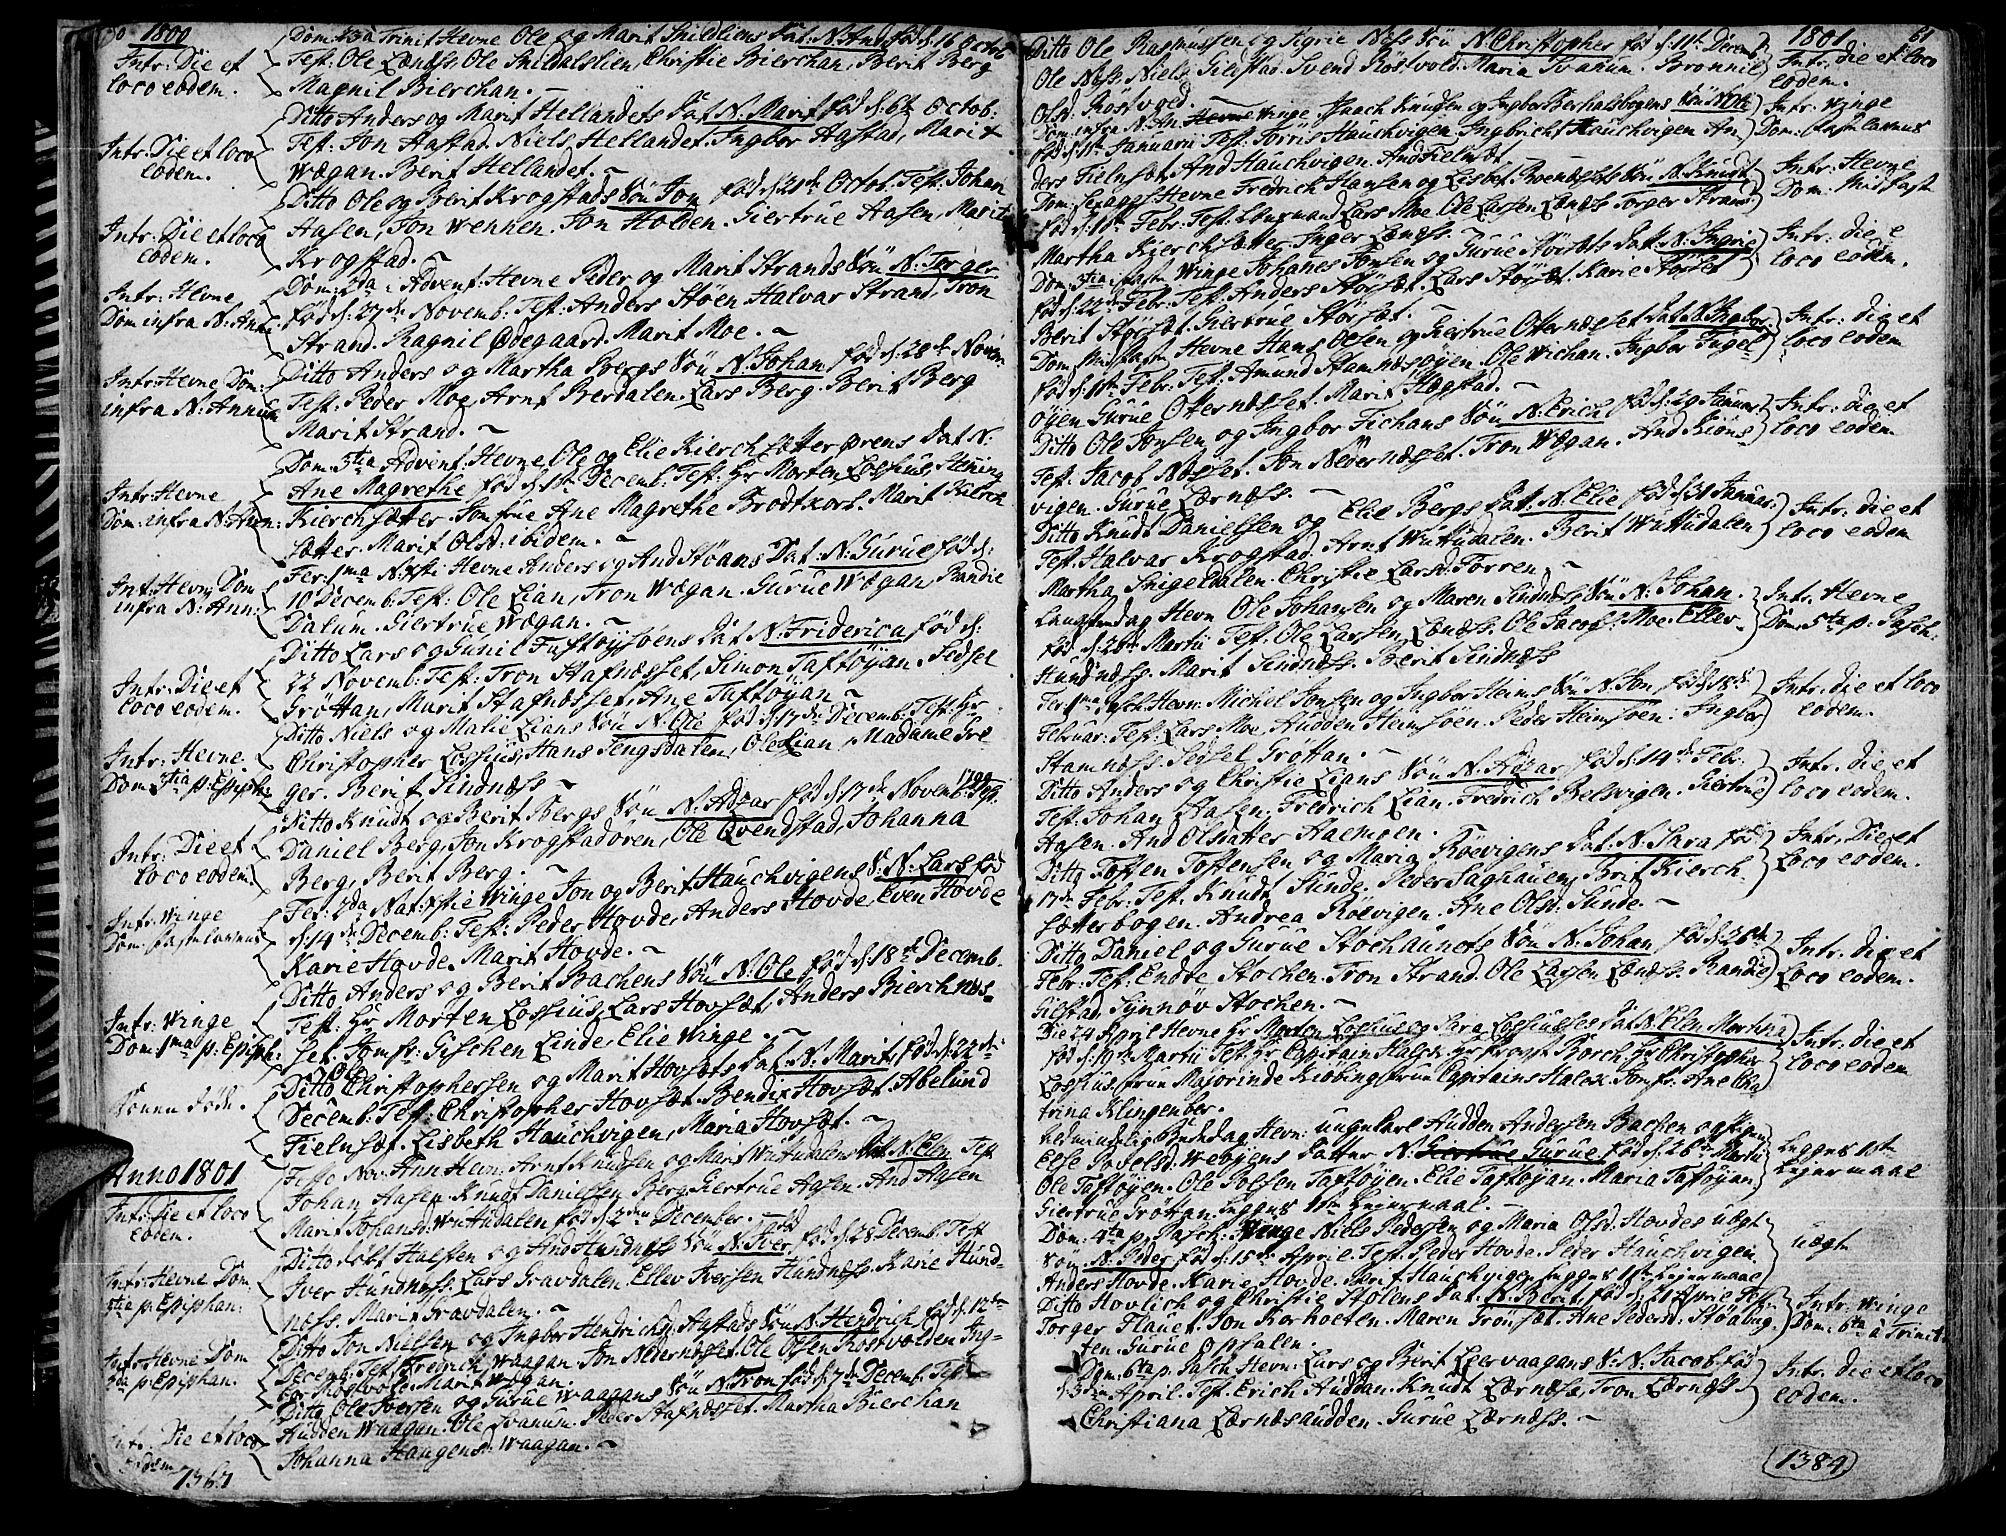 SAT, Ministerialprotokoller, klokkerbøker og fødselsregistre - Sør-Trøndelag, 630/L0490: Ministerialbok nr. 630A03, 1795-1818, s. 60-61